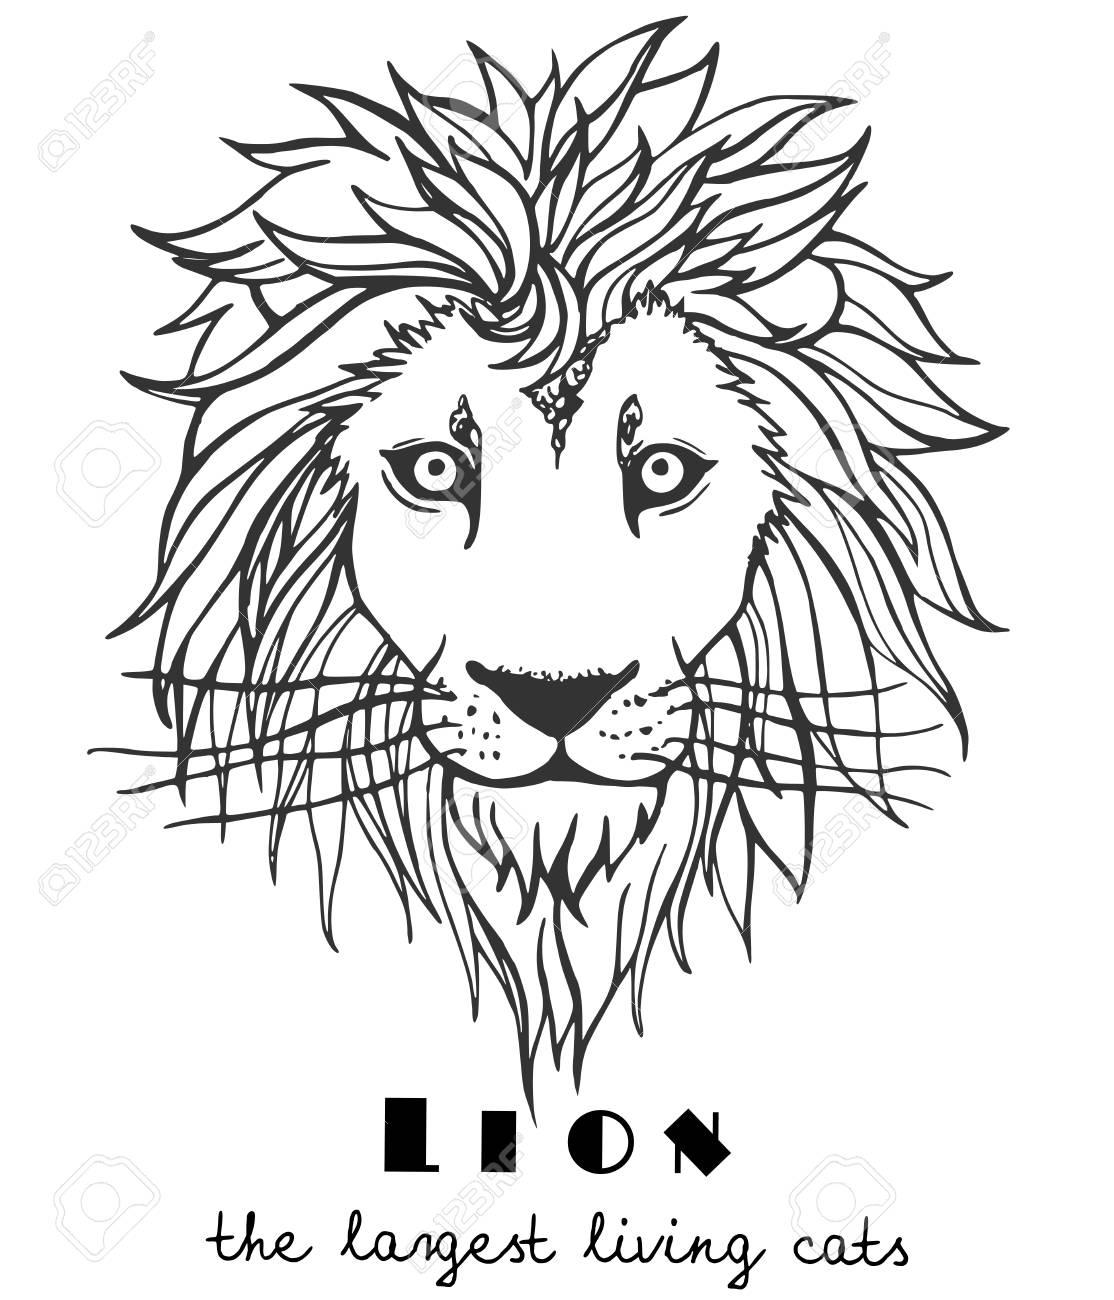 Illustration Vectorielle D Une Tête De Lions Pour Cahier De Coloriage Tatouage Pochoir Conception Impression Sur T Shirt Sac Carnet Carte